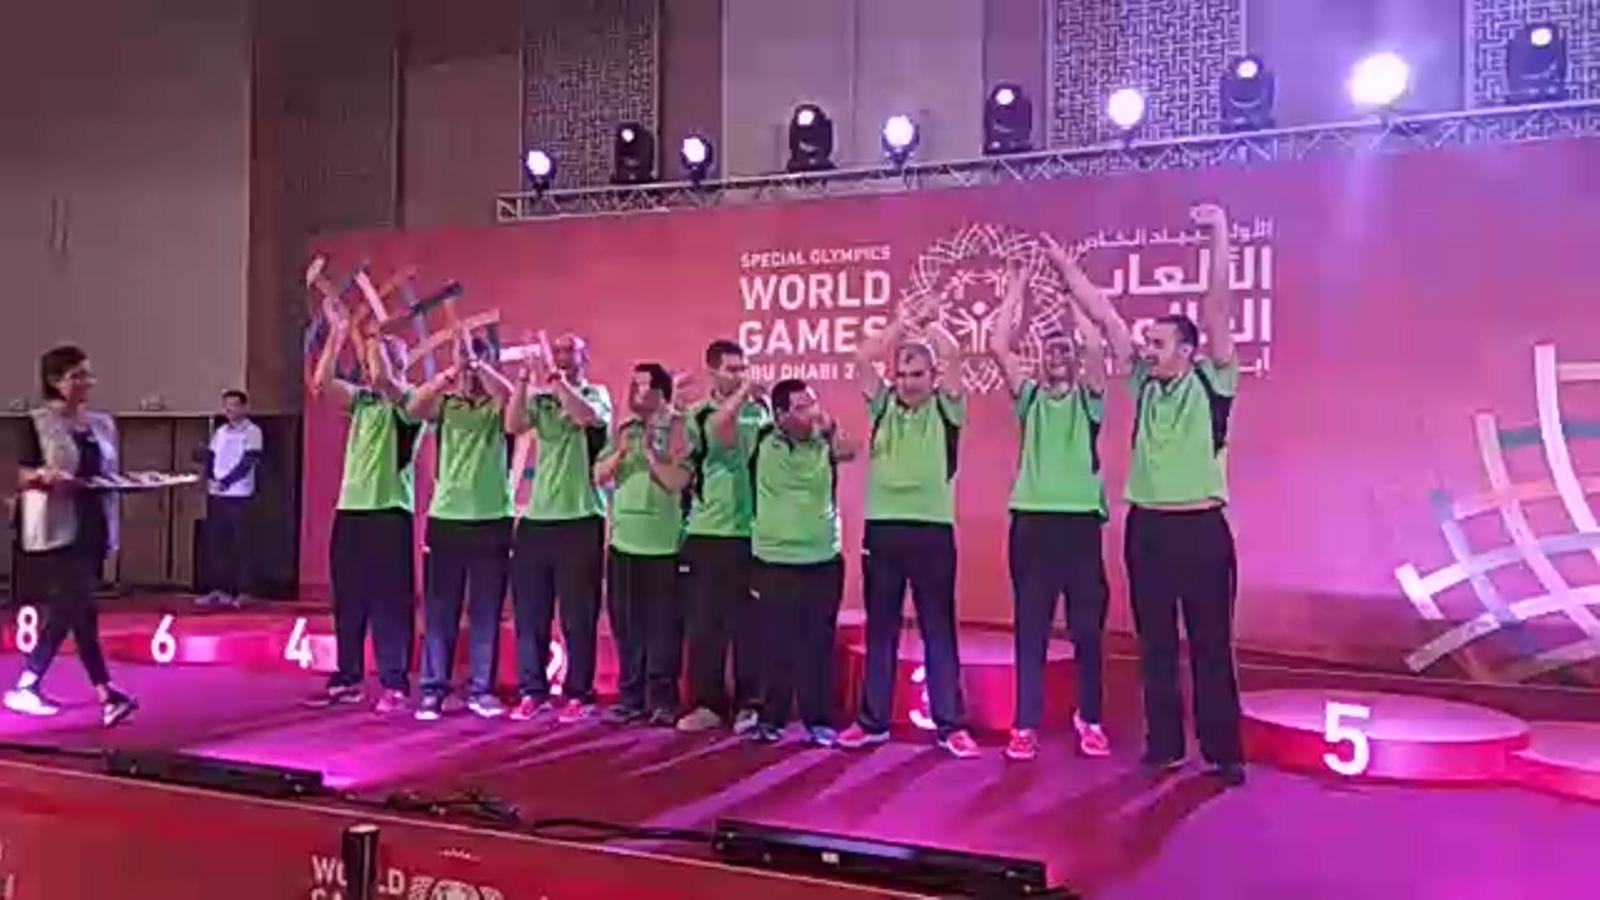 Entrega de medalles a la delegació dels Special Olympics Andorra